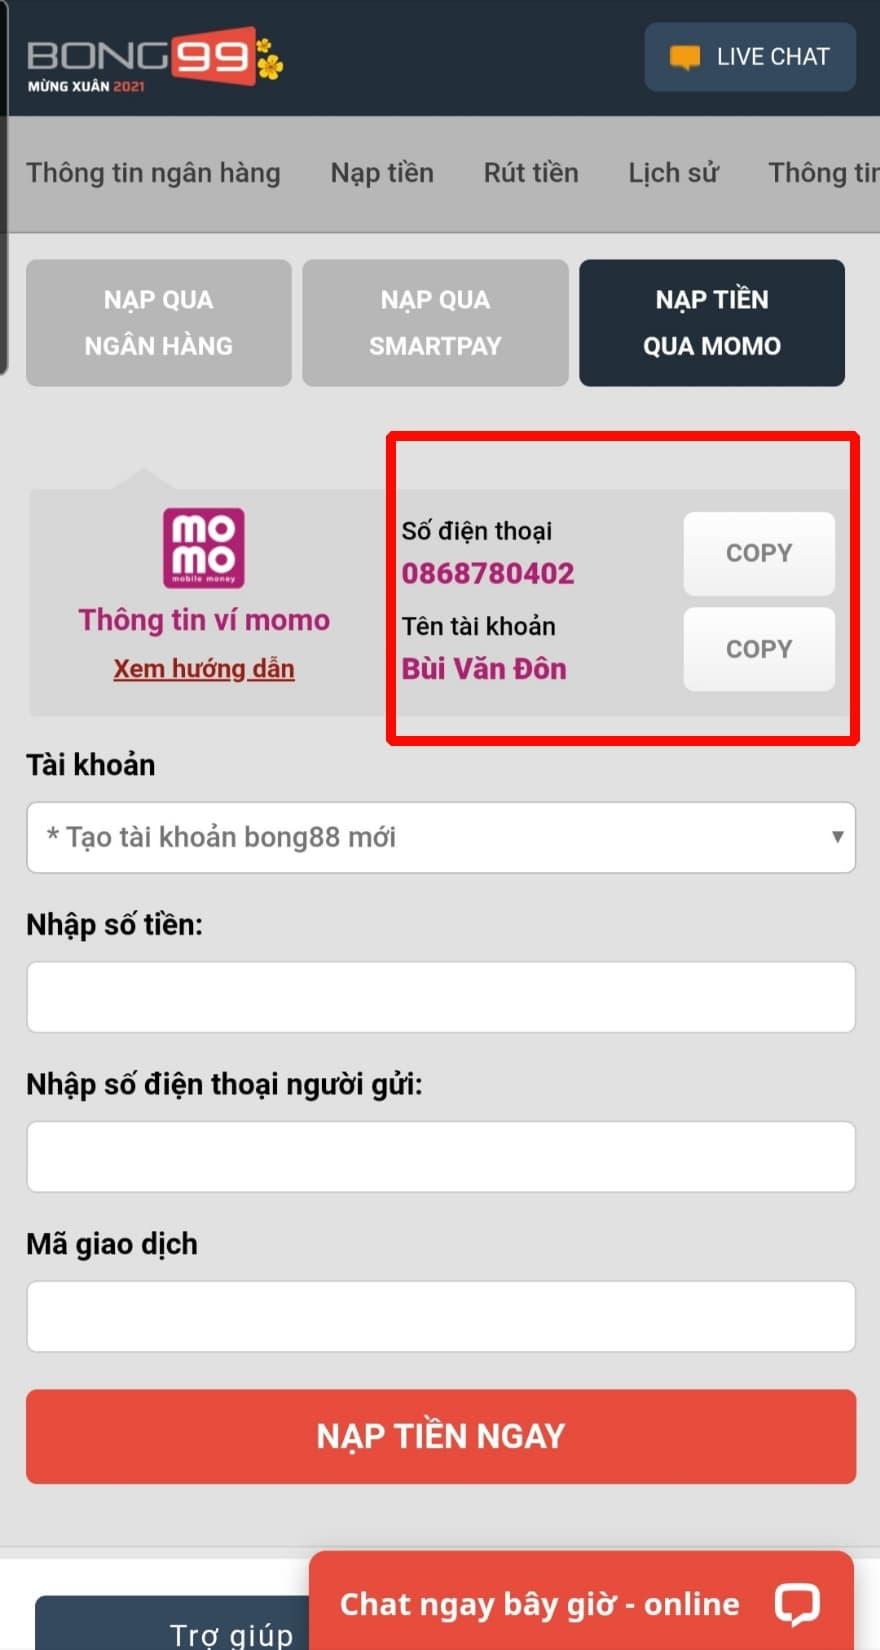 Copy Số điện thoại và Tên tài khoản